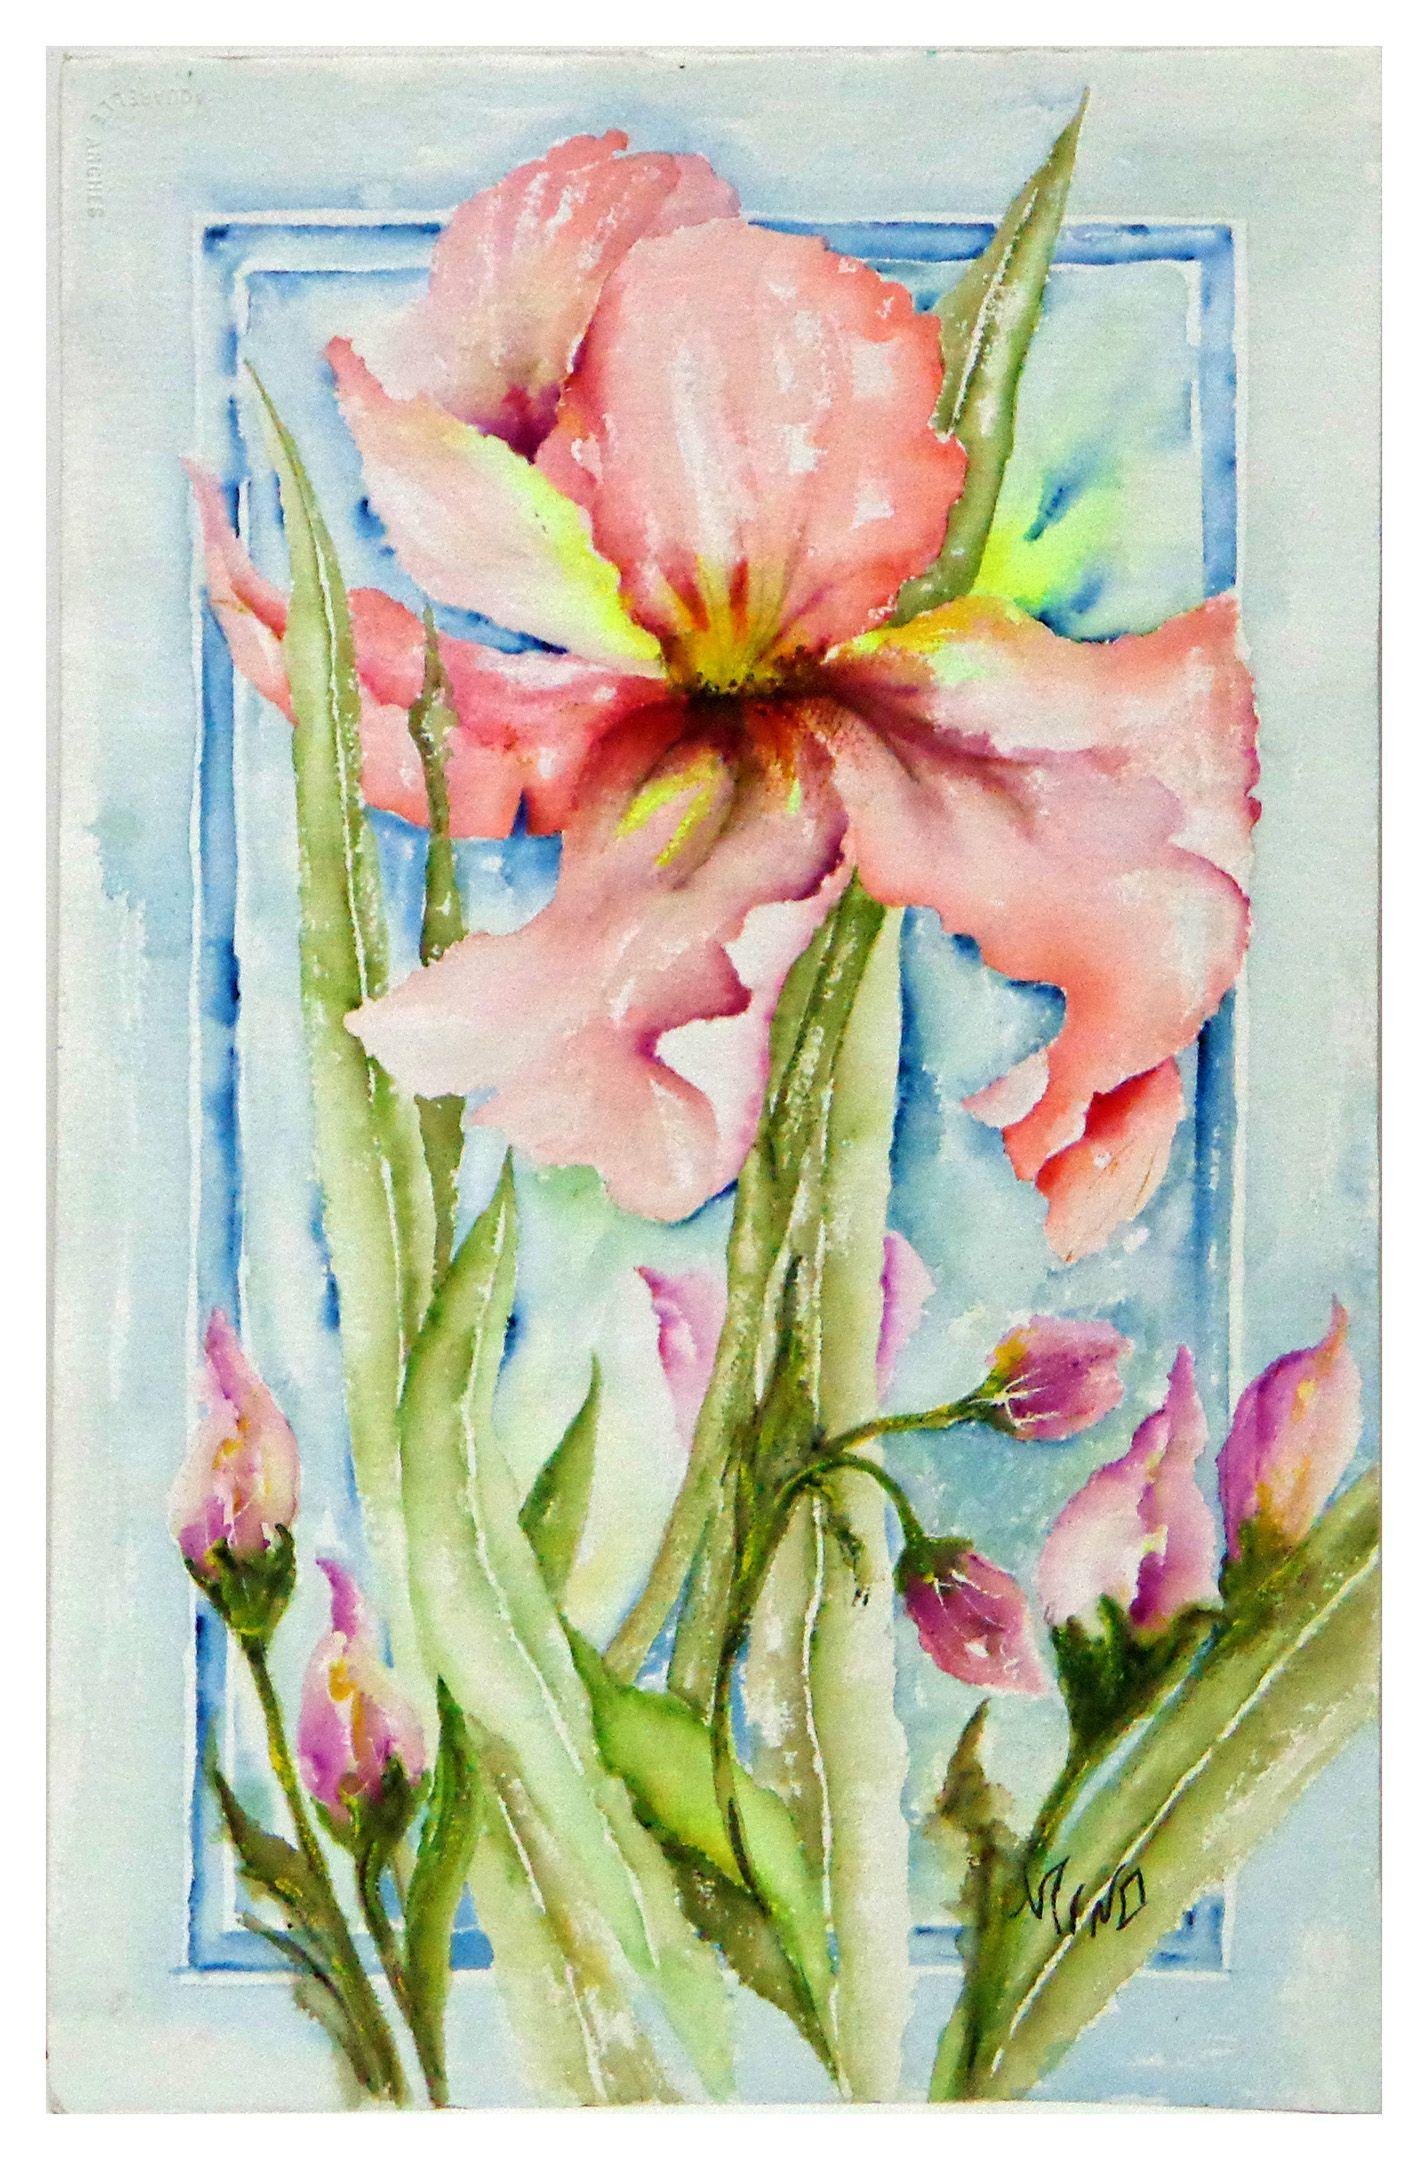 aquarela-leve-de-flores-orquideas-quadro.jpg (1428×2160)